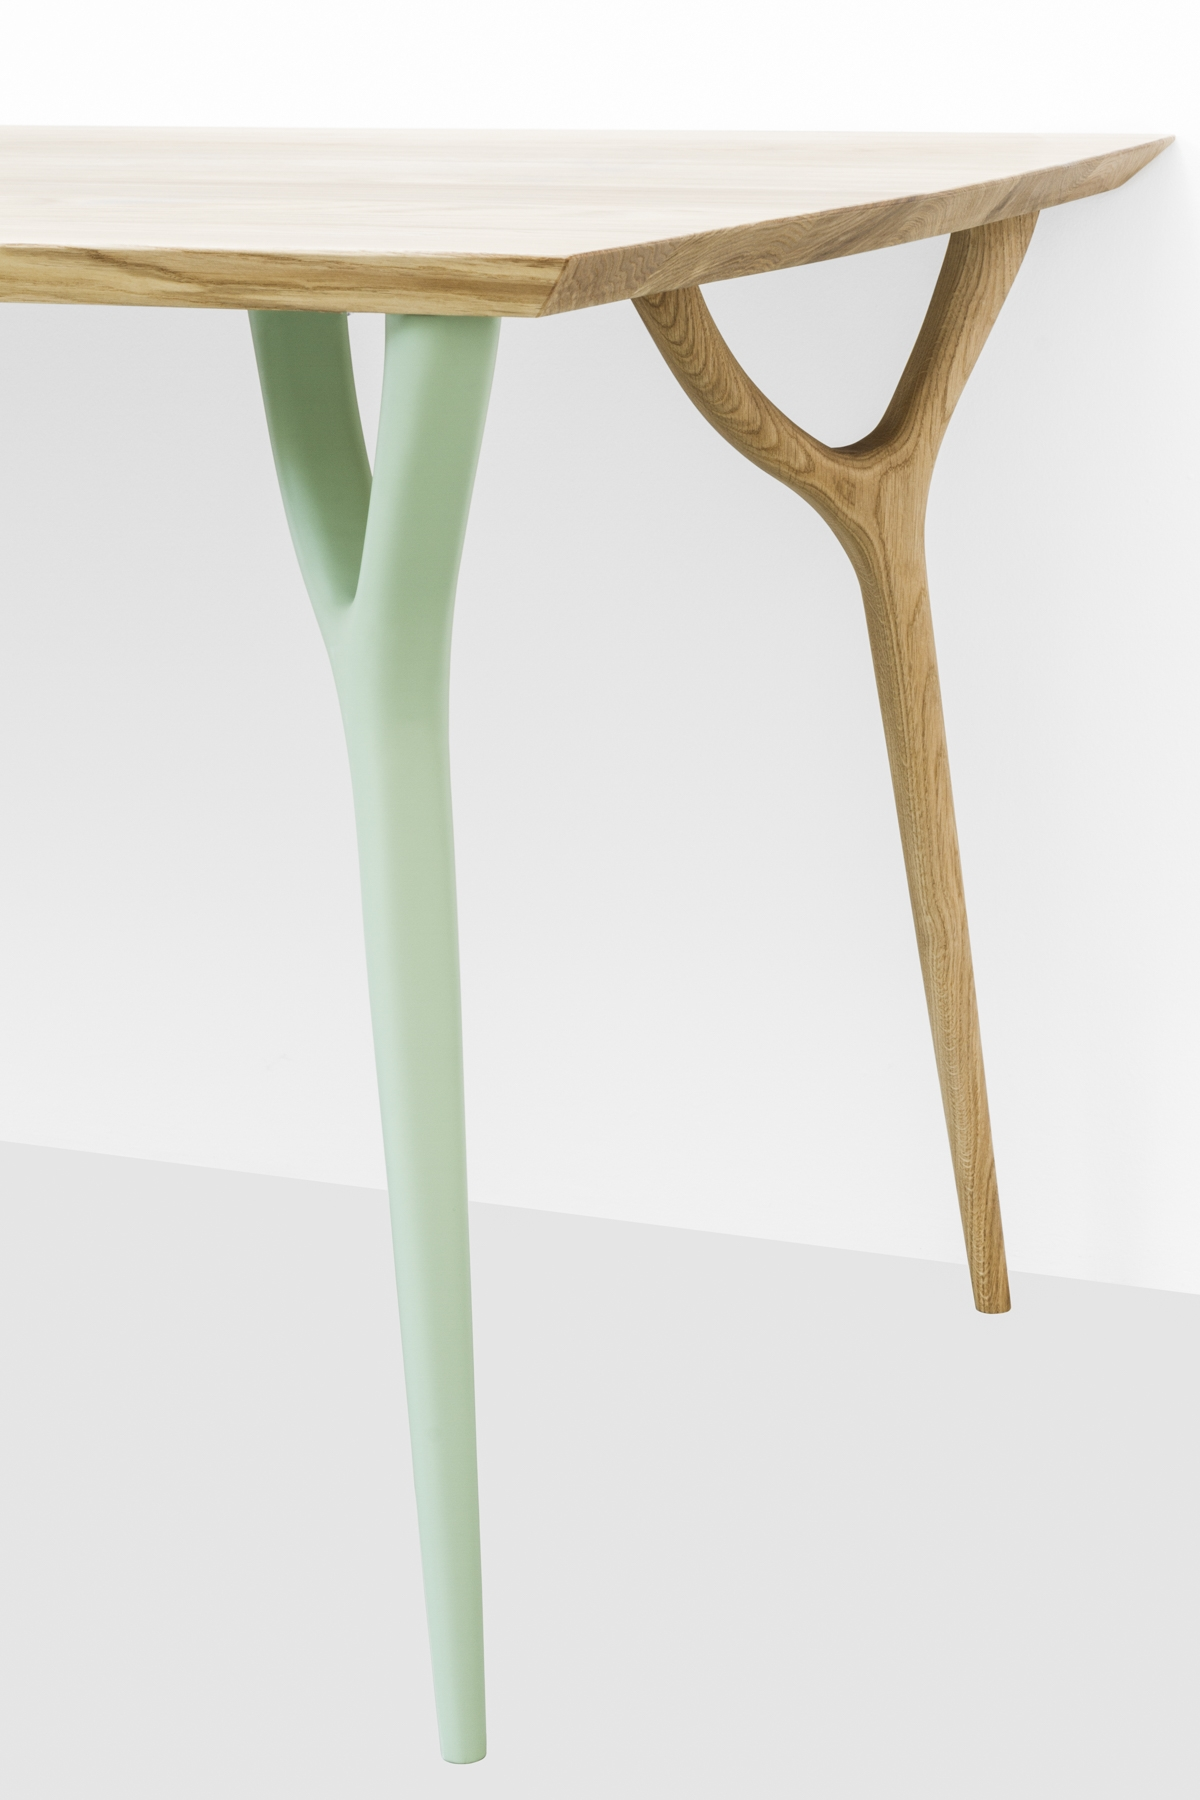 Coleção vegetal projeto Vito Nesta Cadriano 03